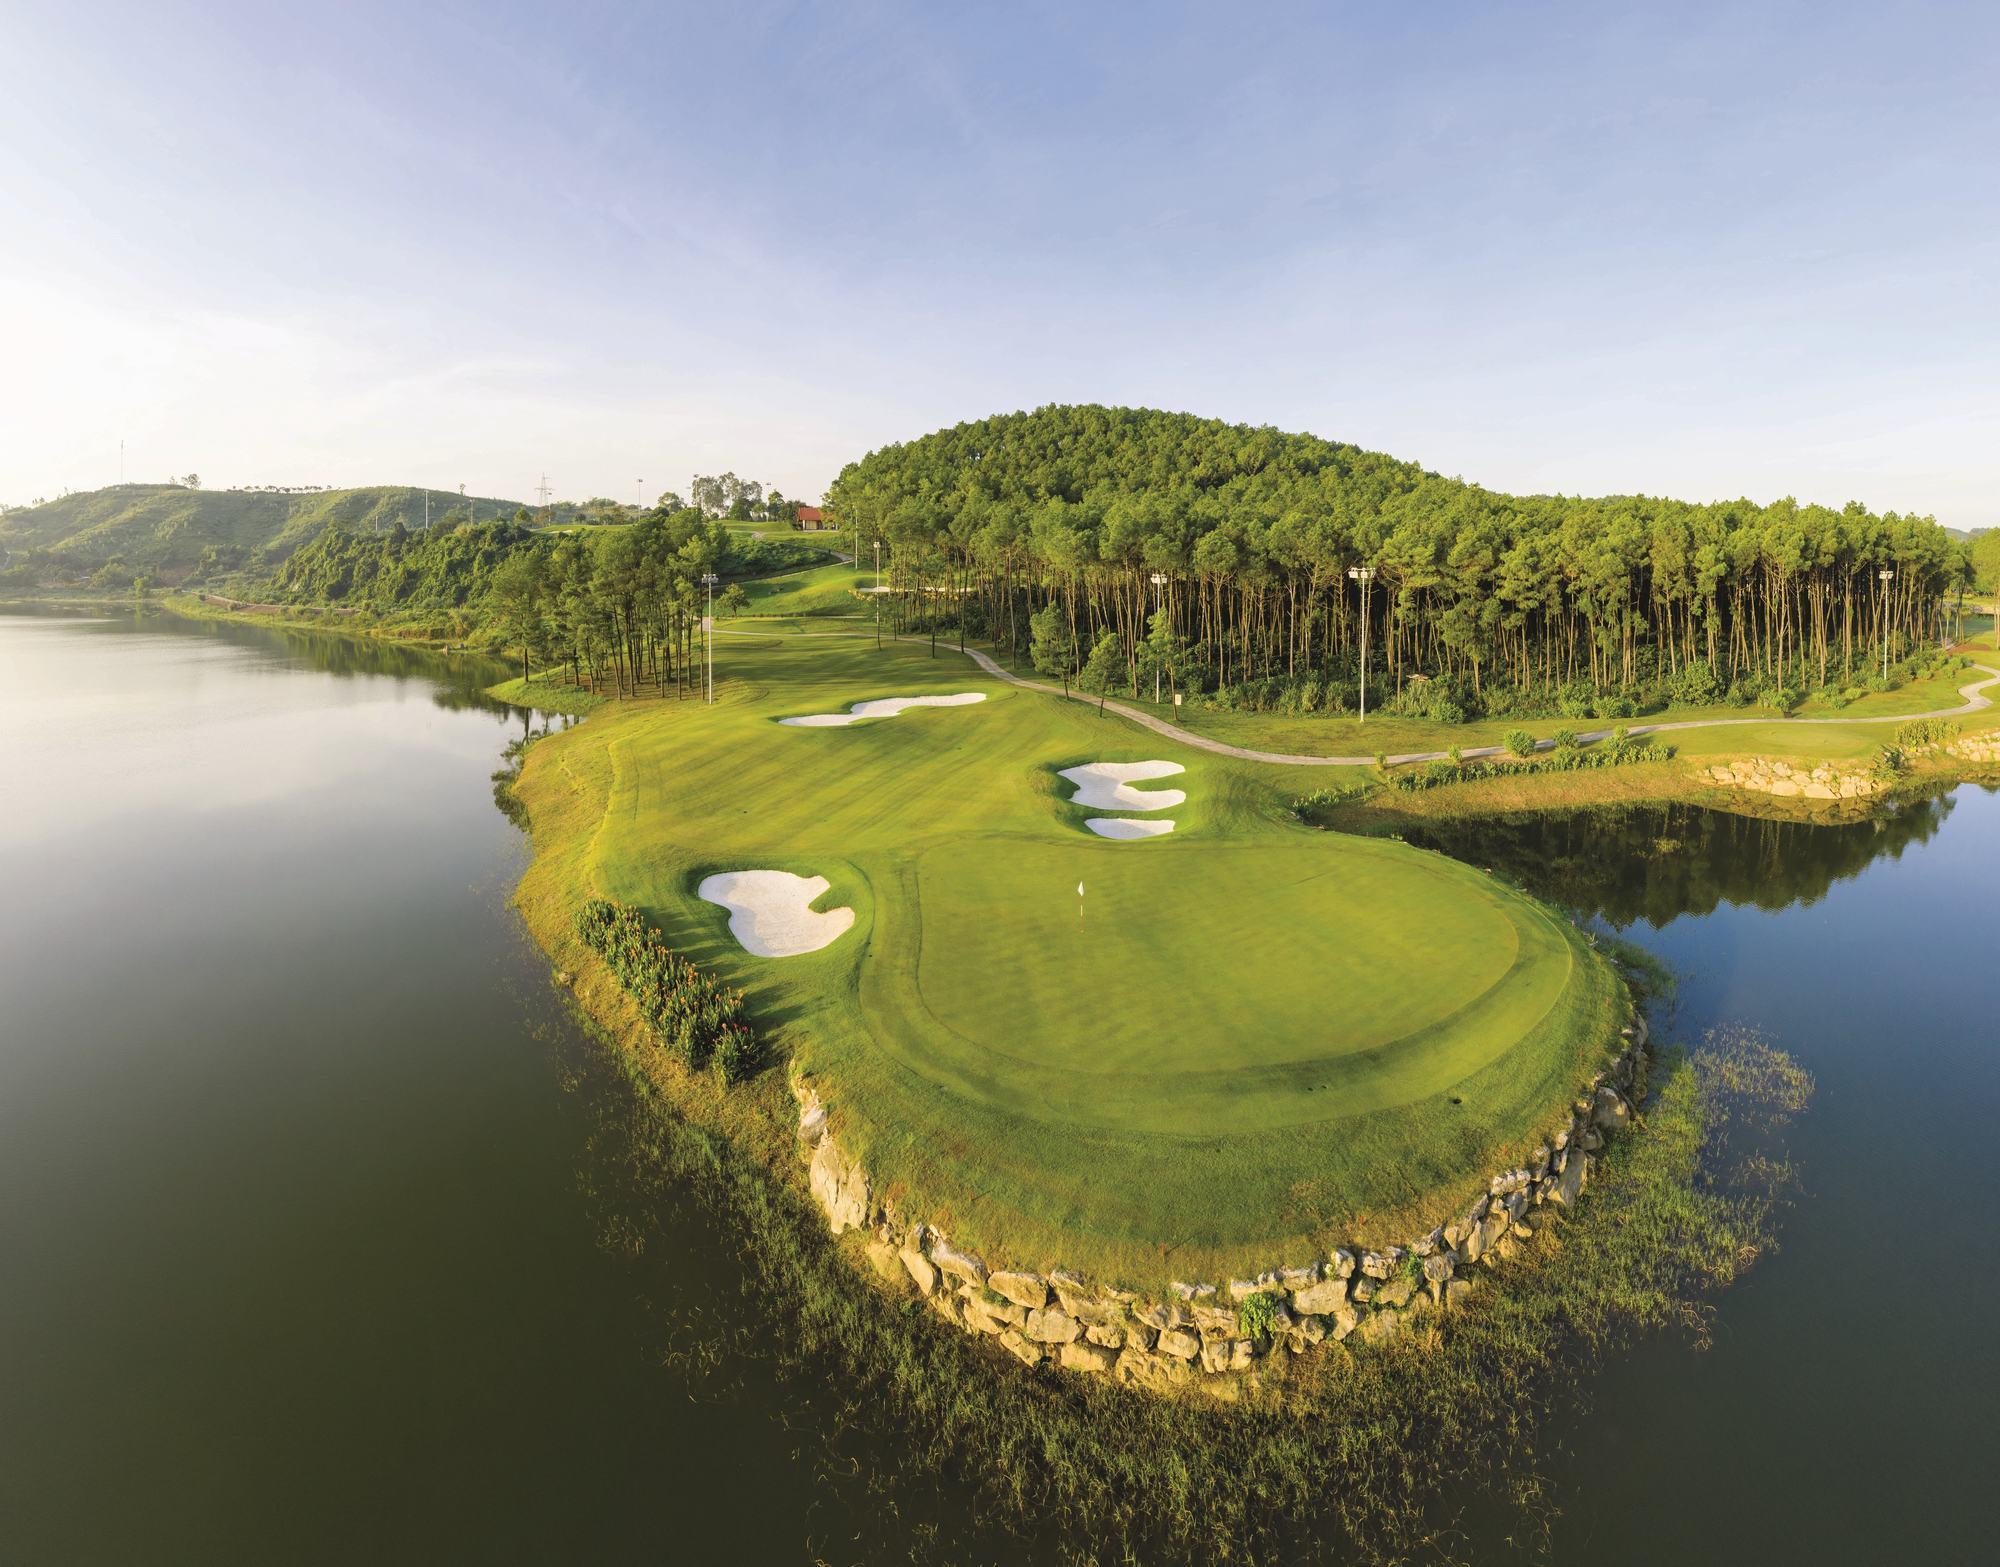 Tee off sân golf Tràng An 18 hố - Ngày thường